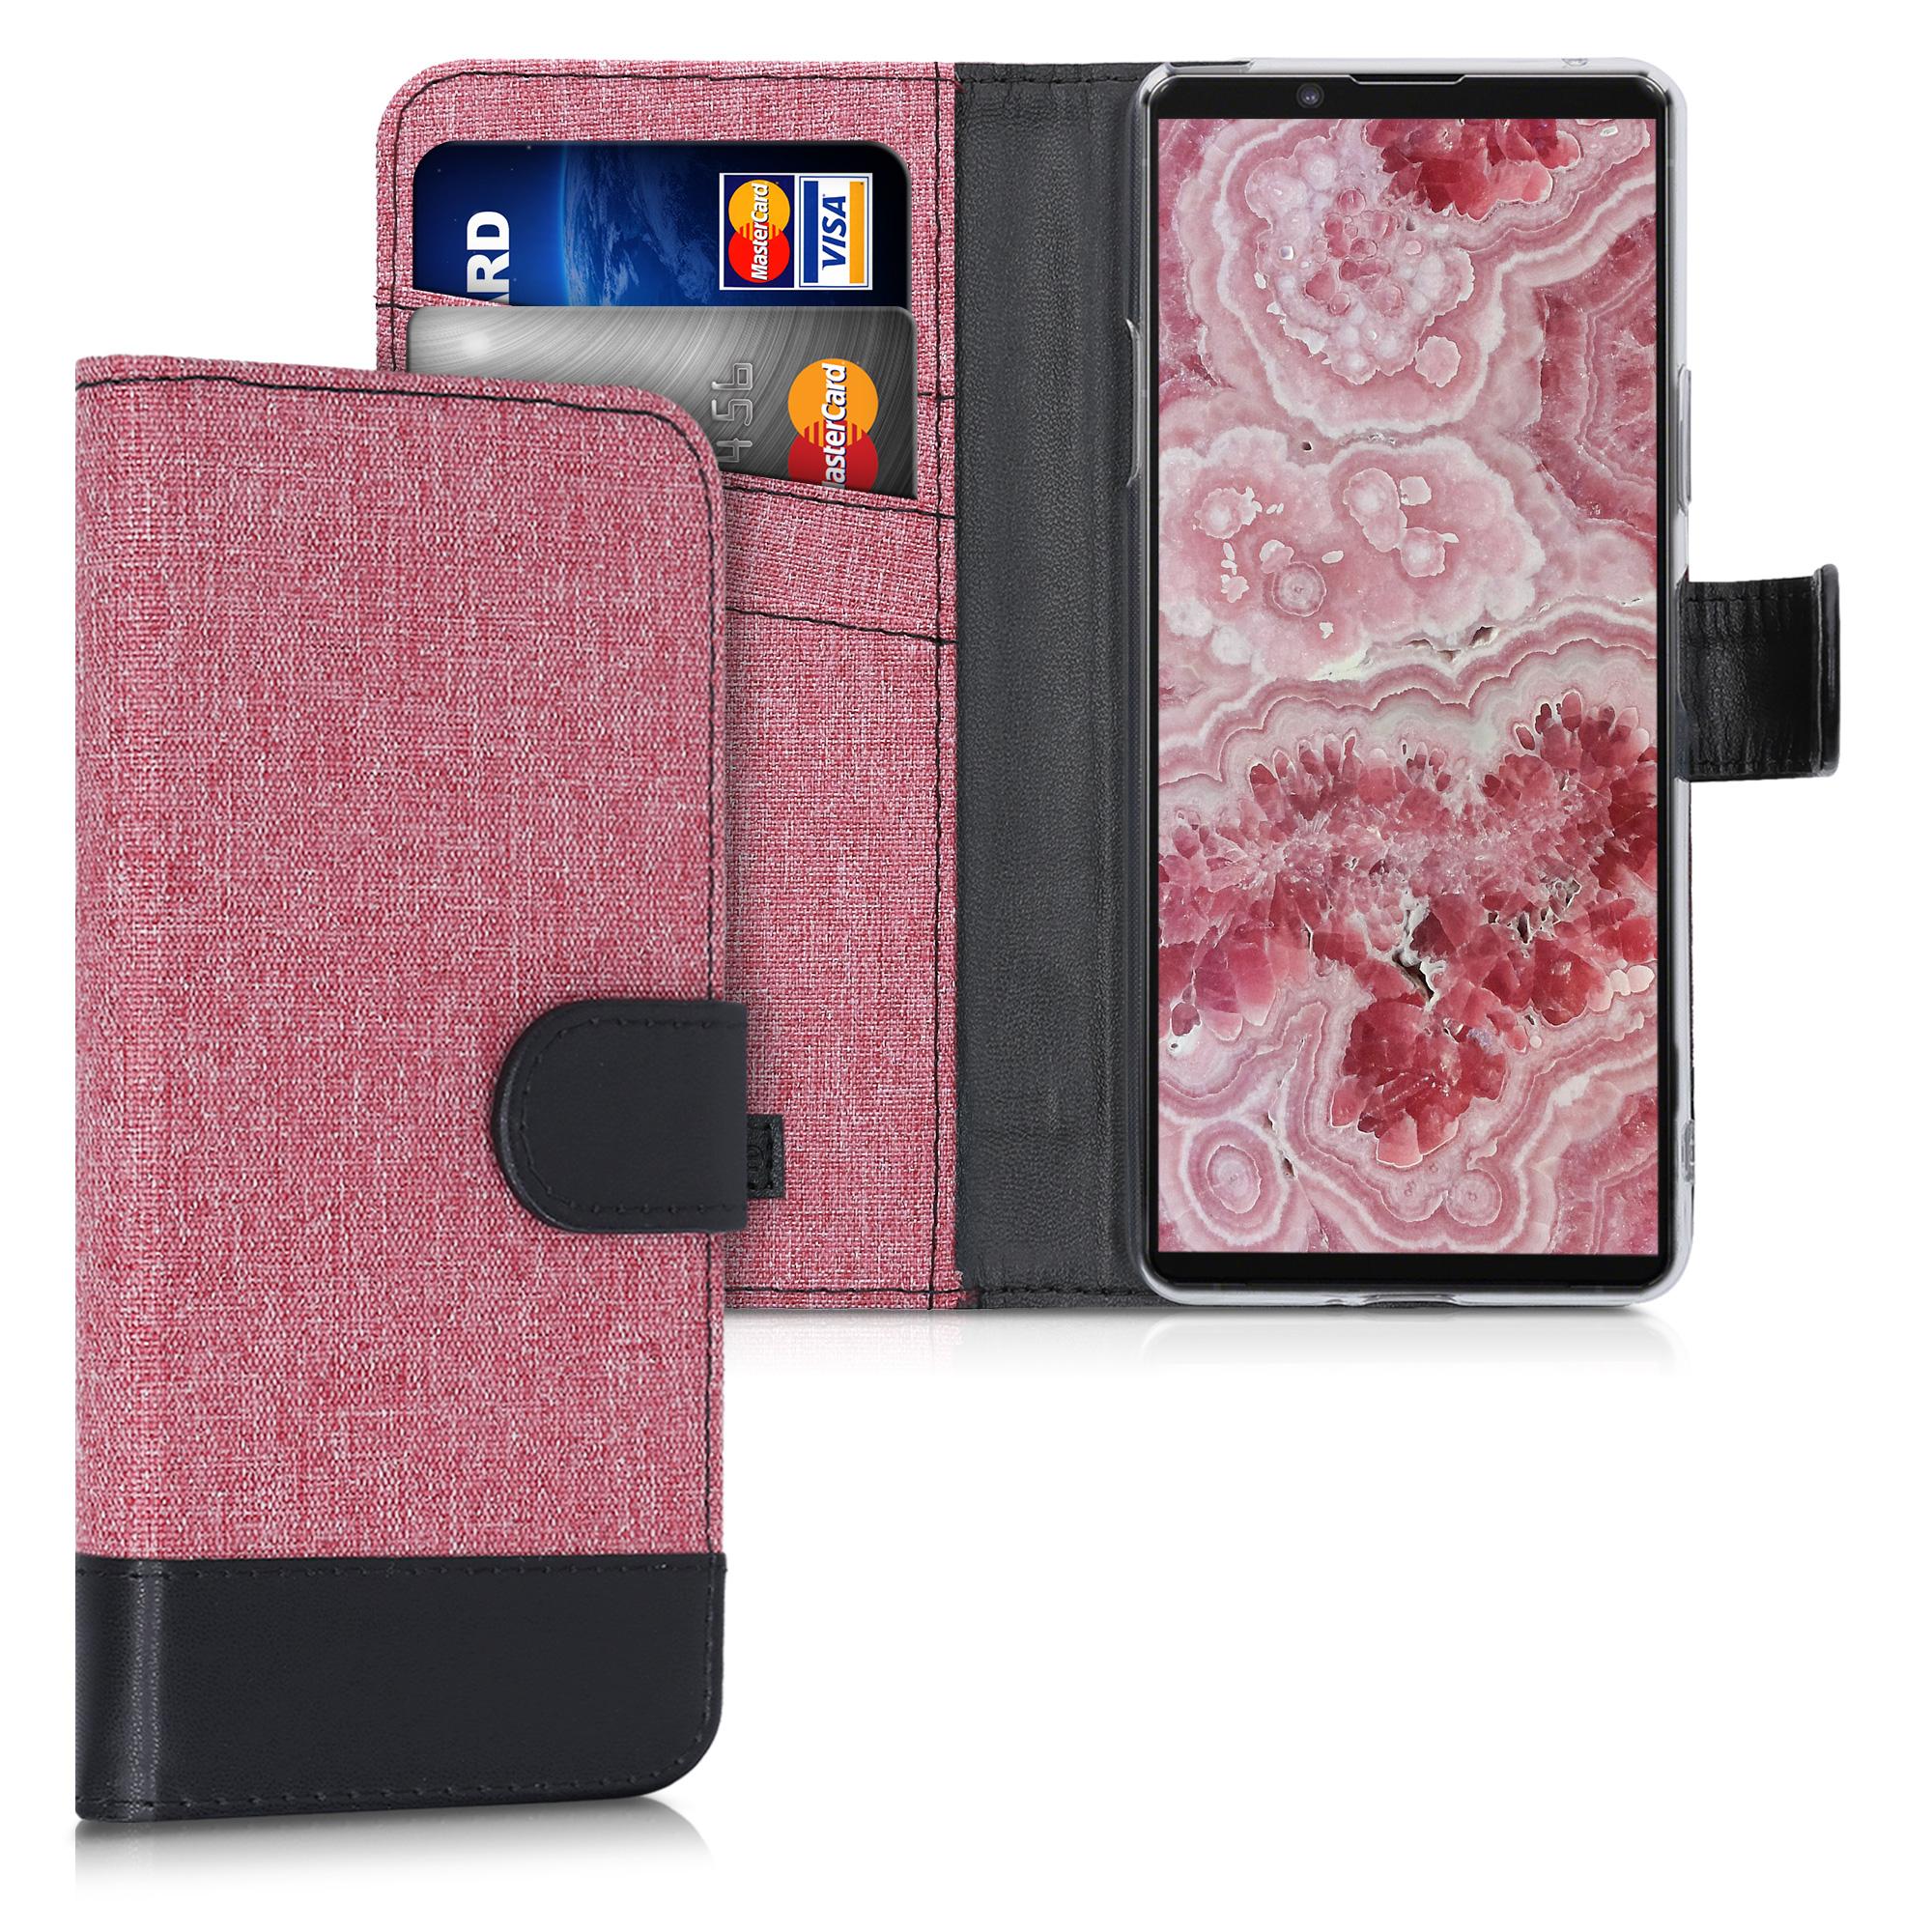 Textilní látkové pouzdro | obal pro Sony Xperia 10 II - Dusty růžové / černé